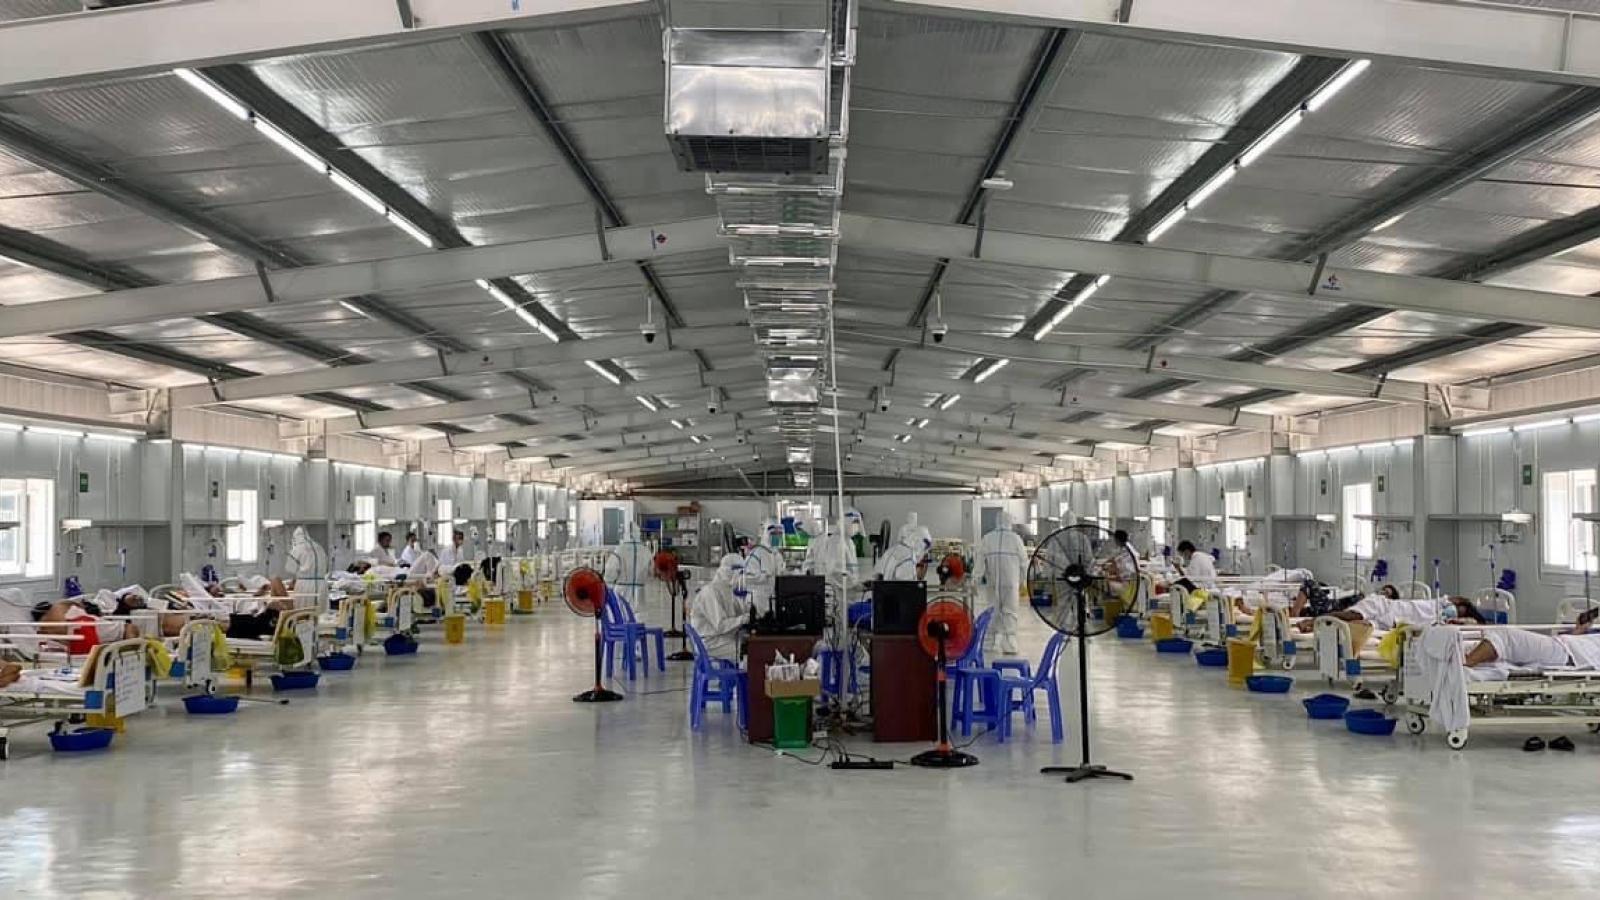 Bổ sung thêm thiết bị, vật tư, nhân lực cho các Trung tâm hồi sức Covid-19 tại TP.HCM